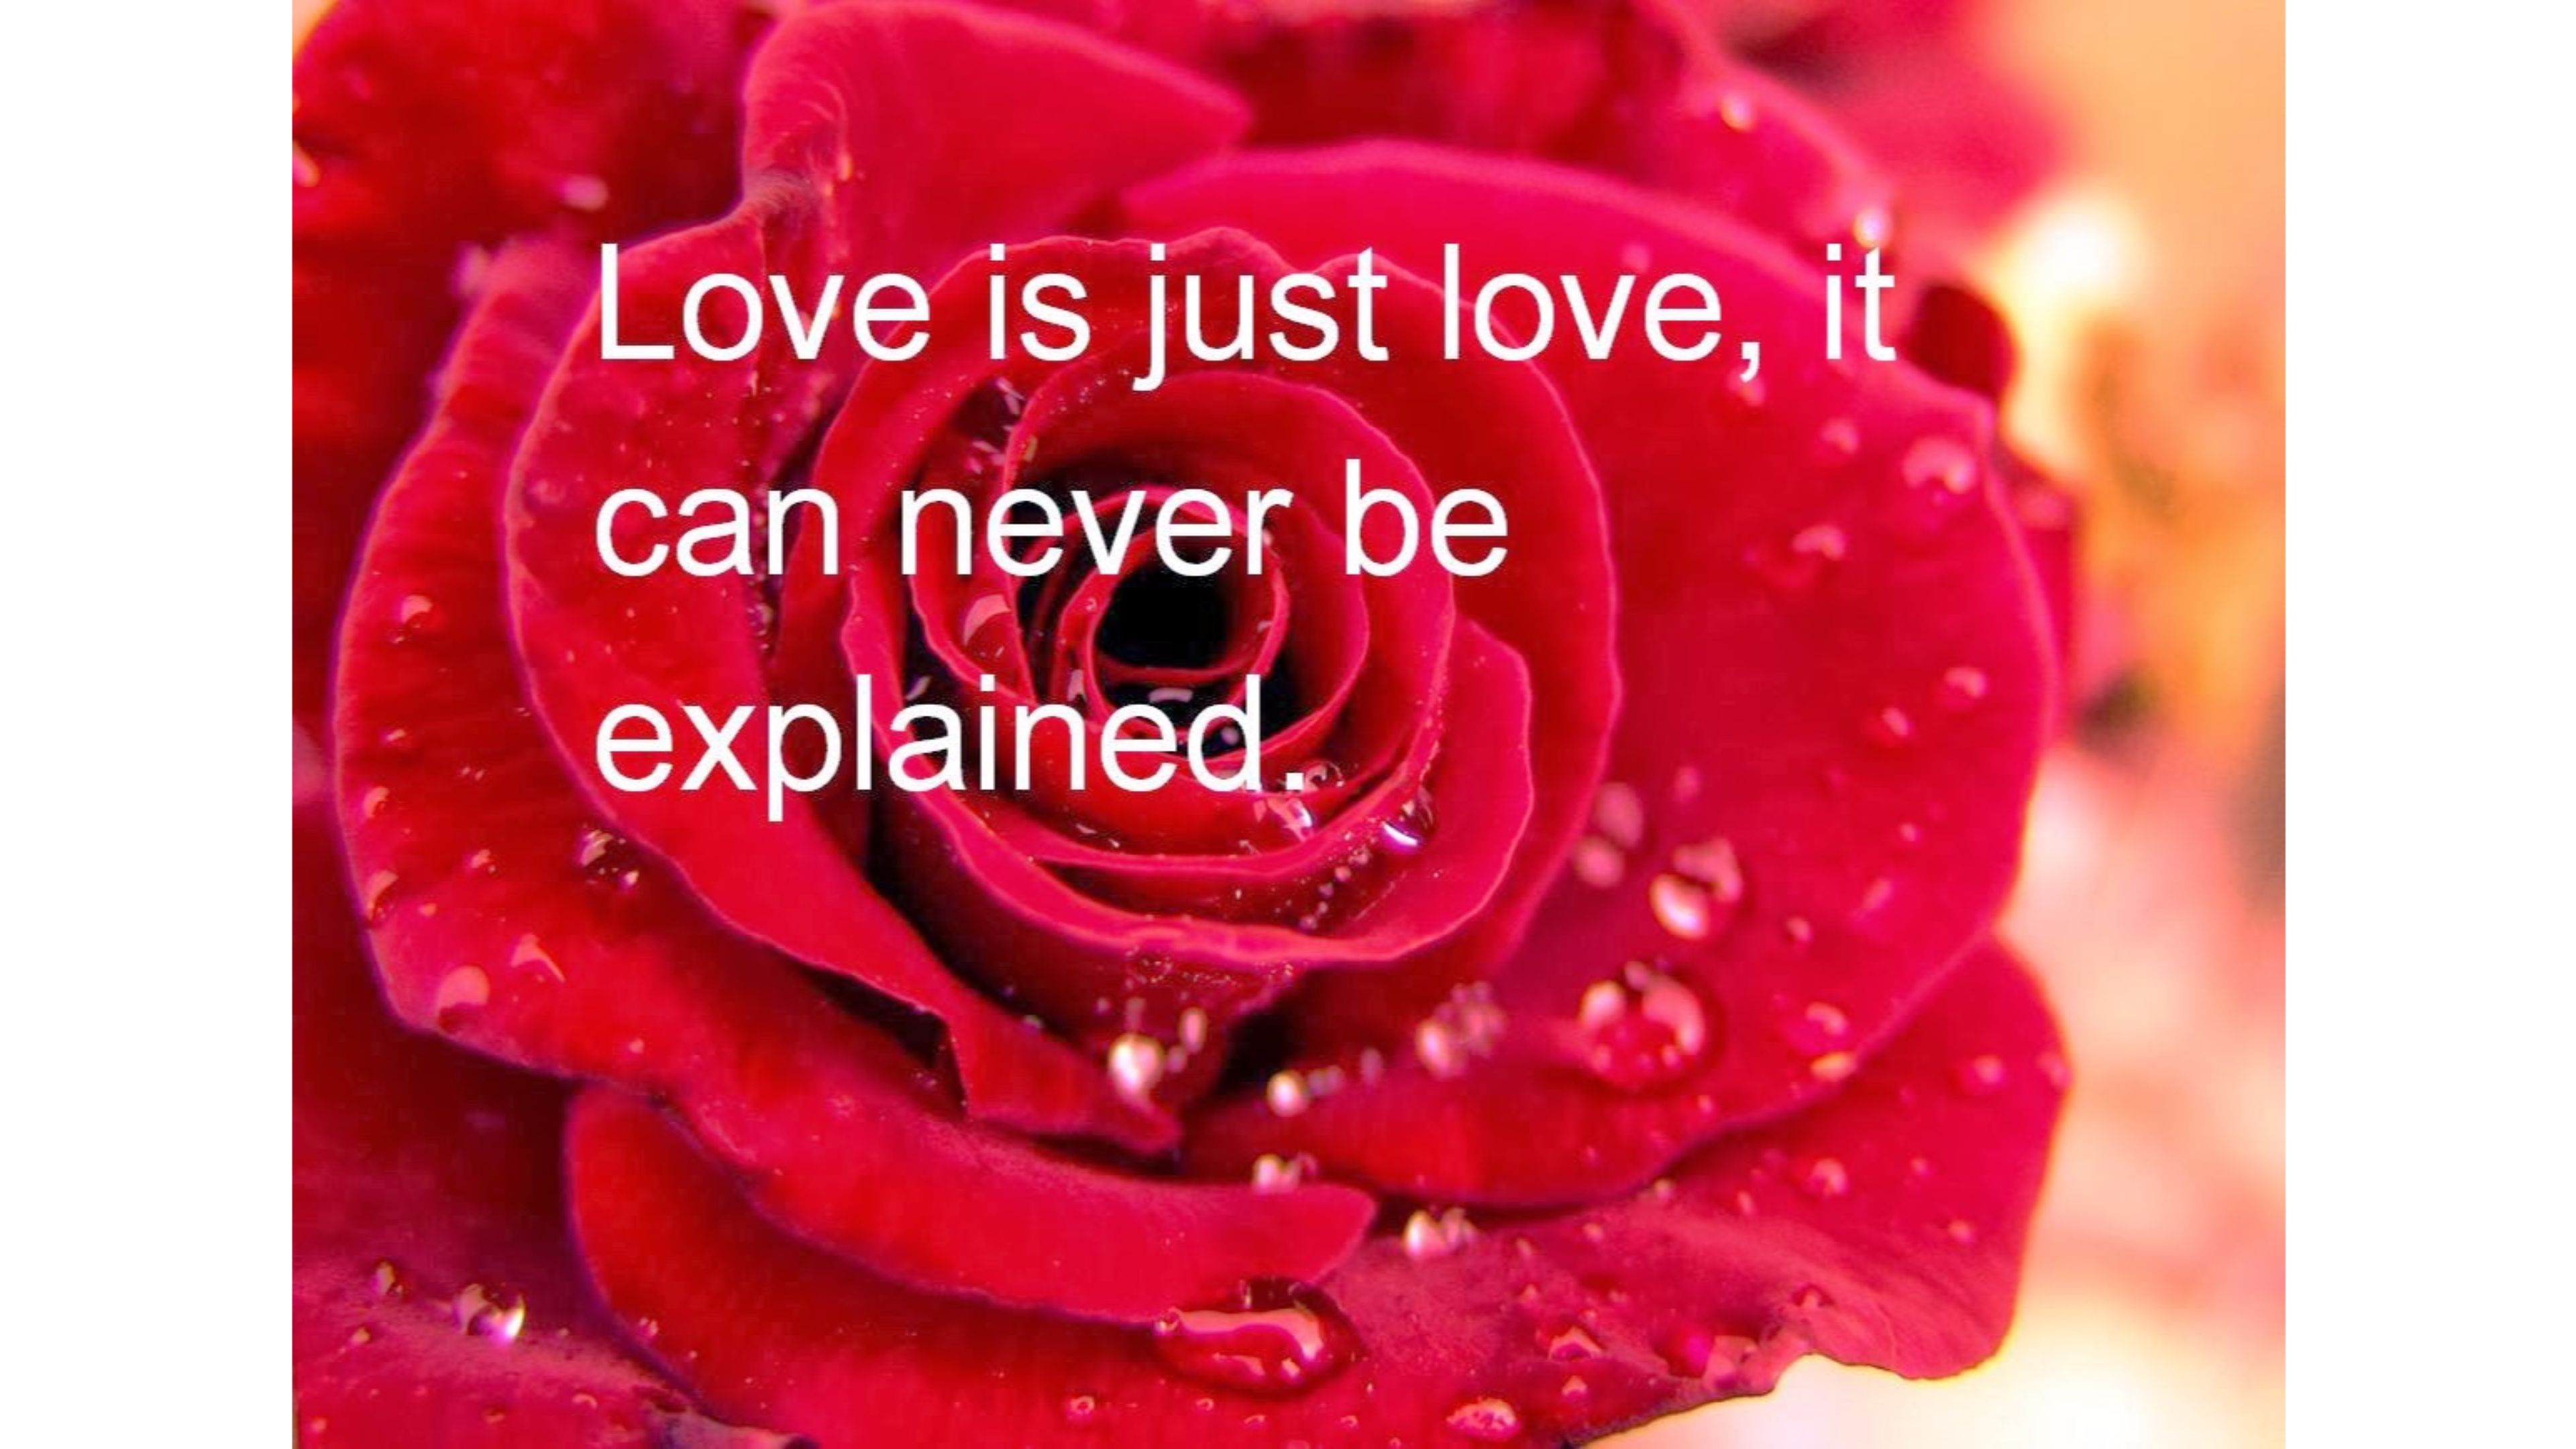 Unexplainable Love Quote 4K wallpaper